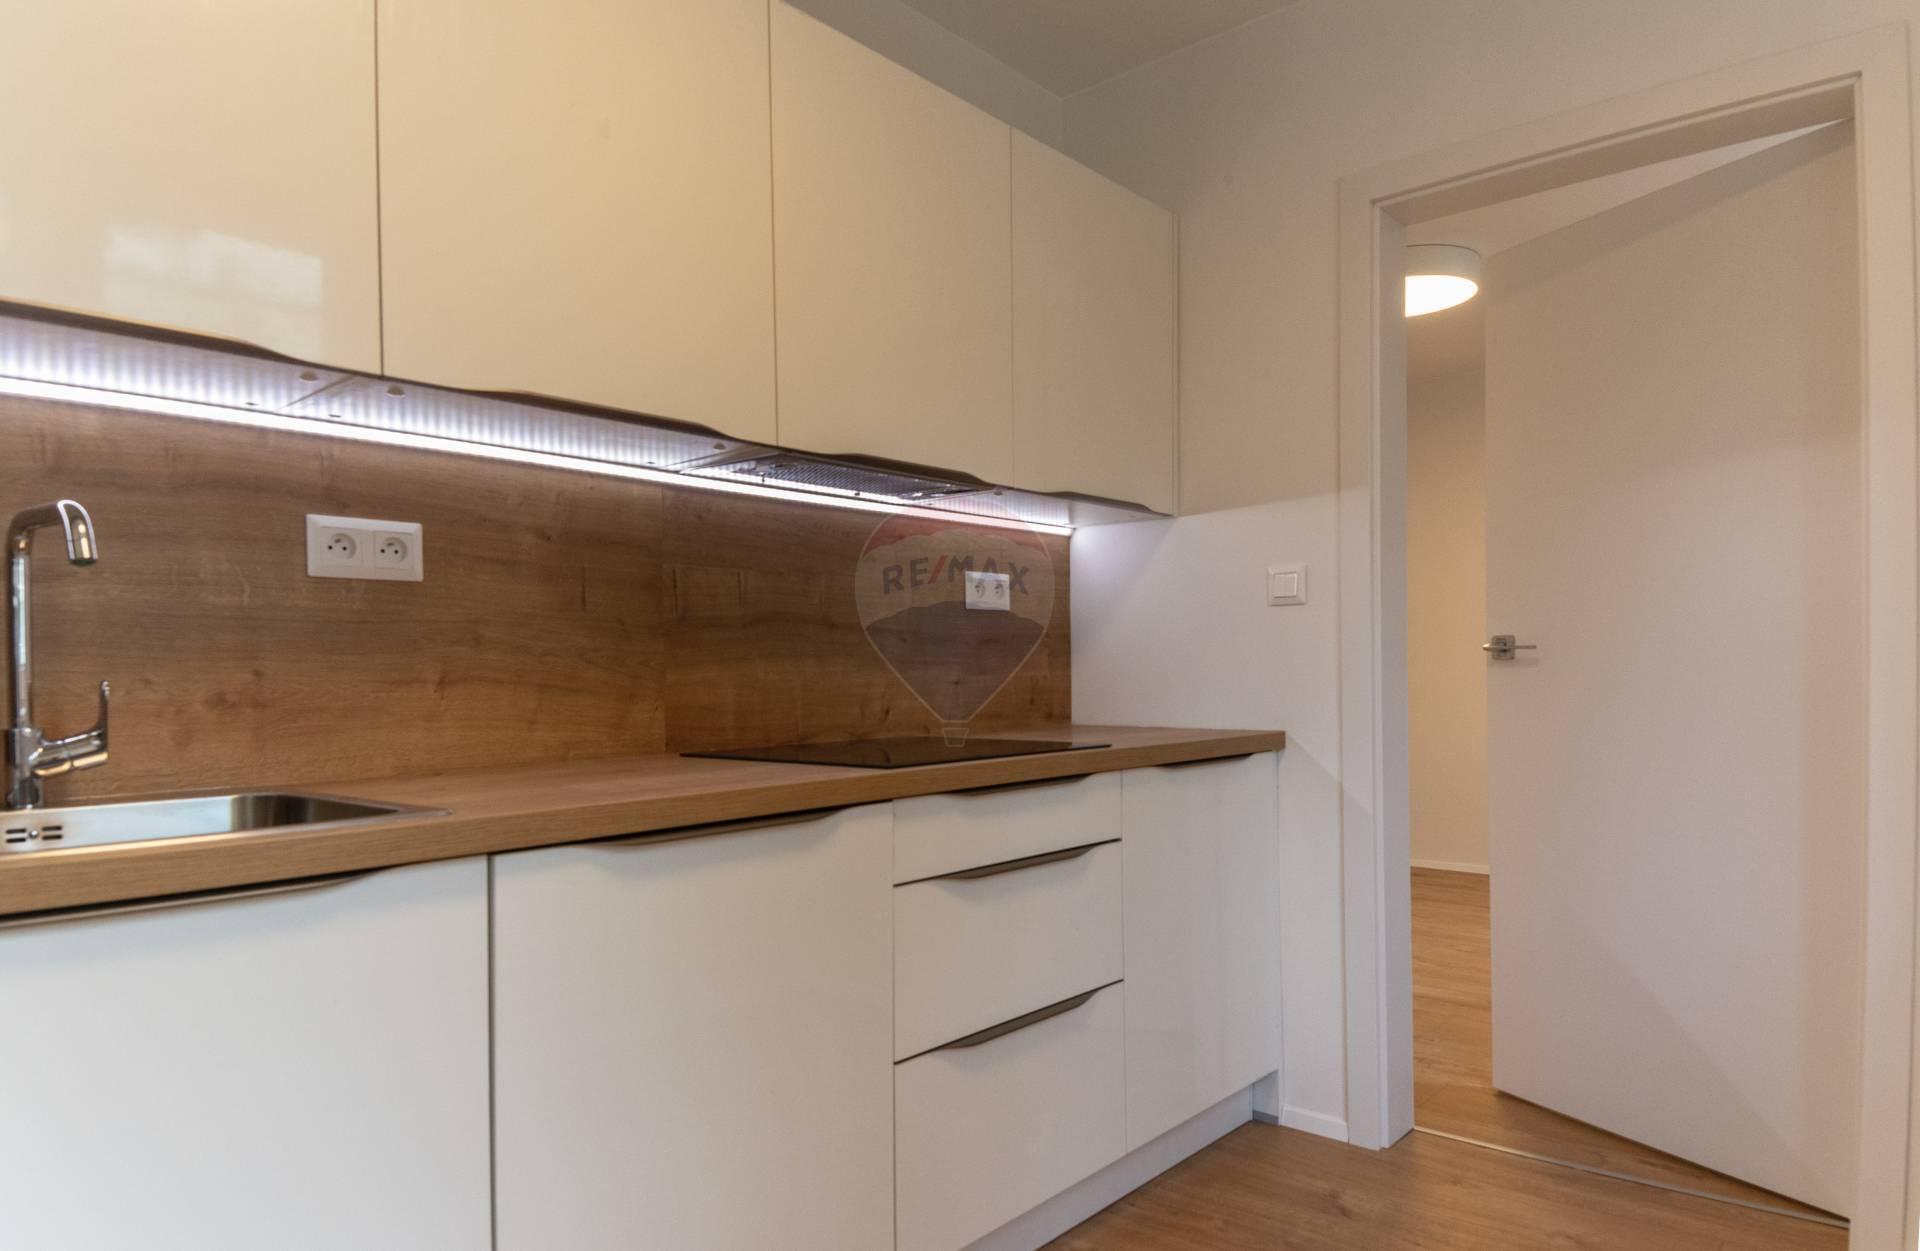 Predaj bytu (3 izbový) 77 m2, Polík – Ružomberok